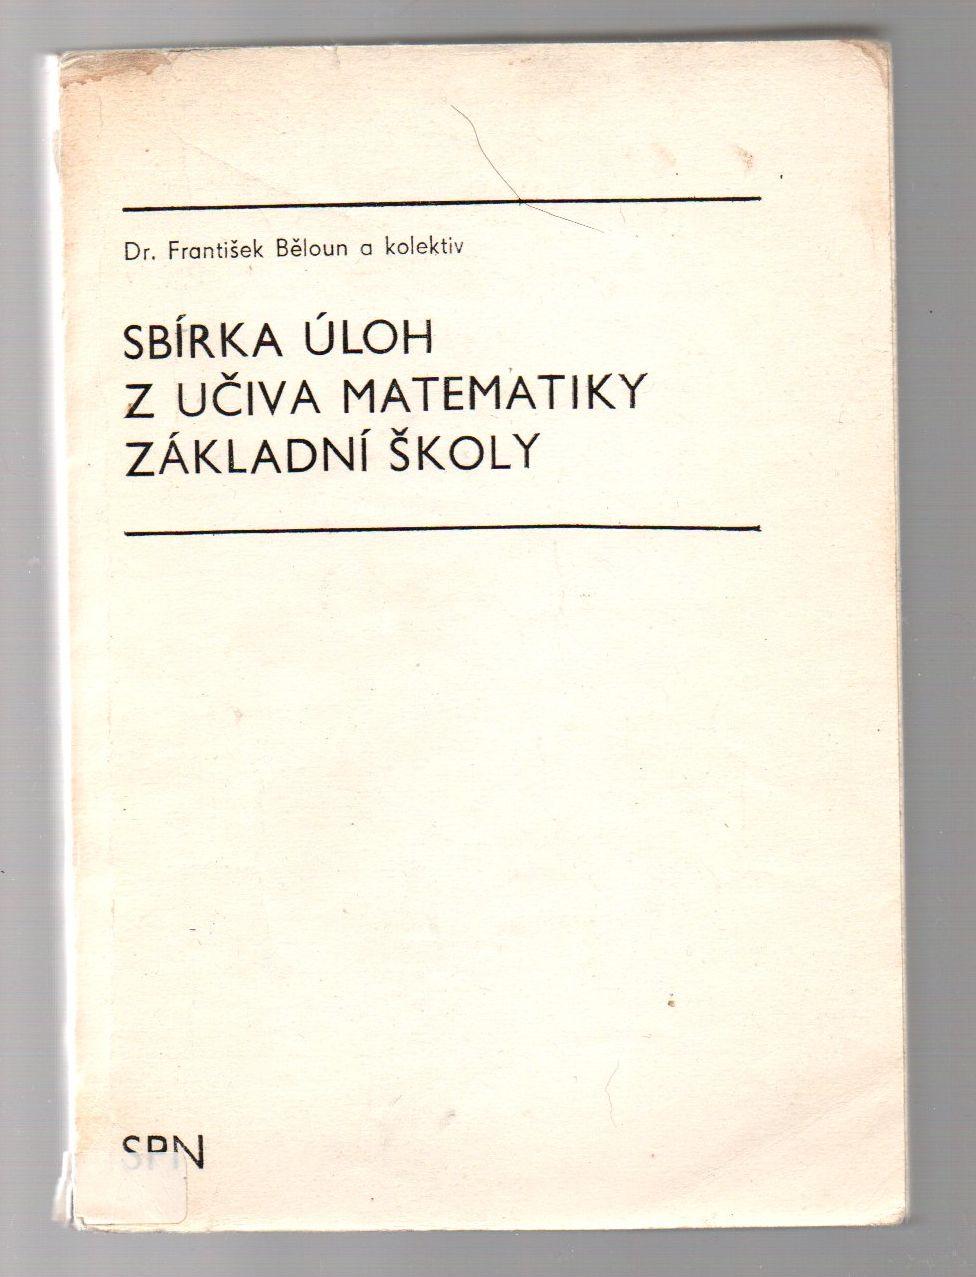 Sbírka úloh z učiva matematiky základní školy - Dr. František Běloun a kolektiv